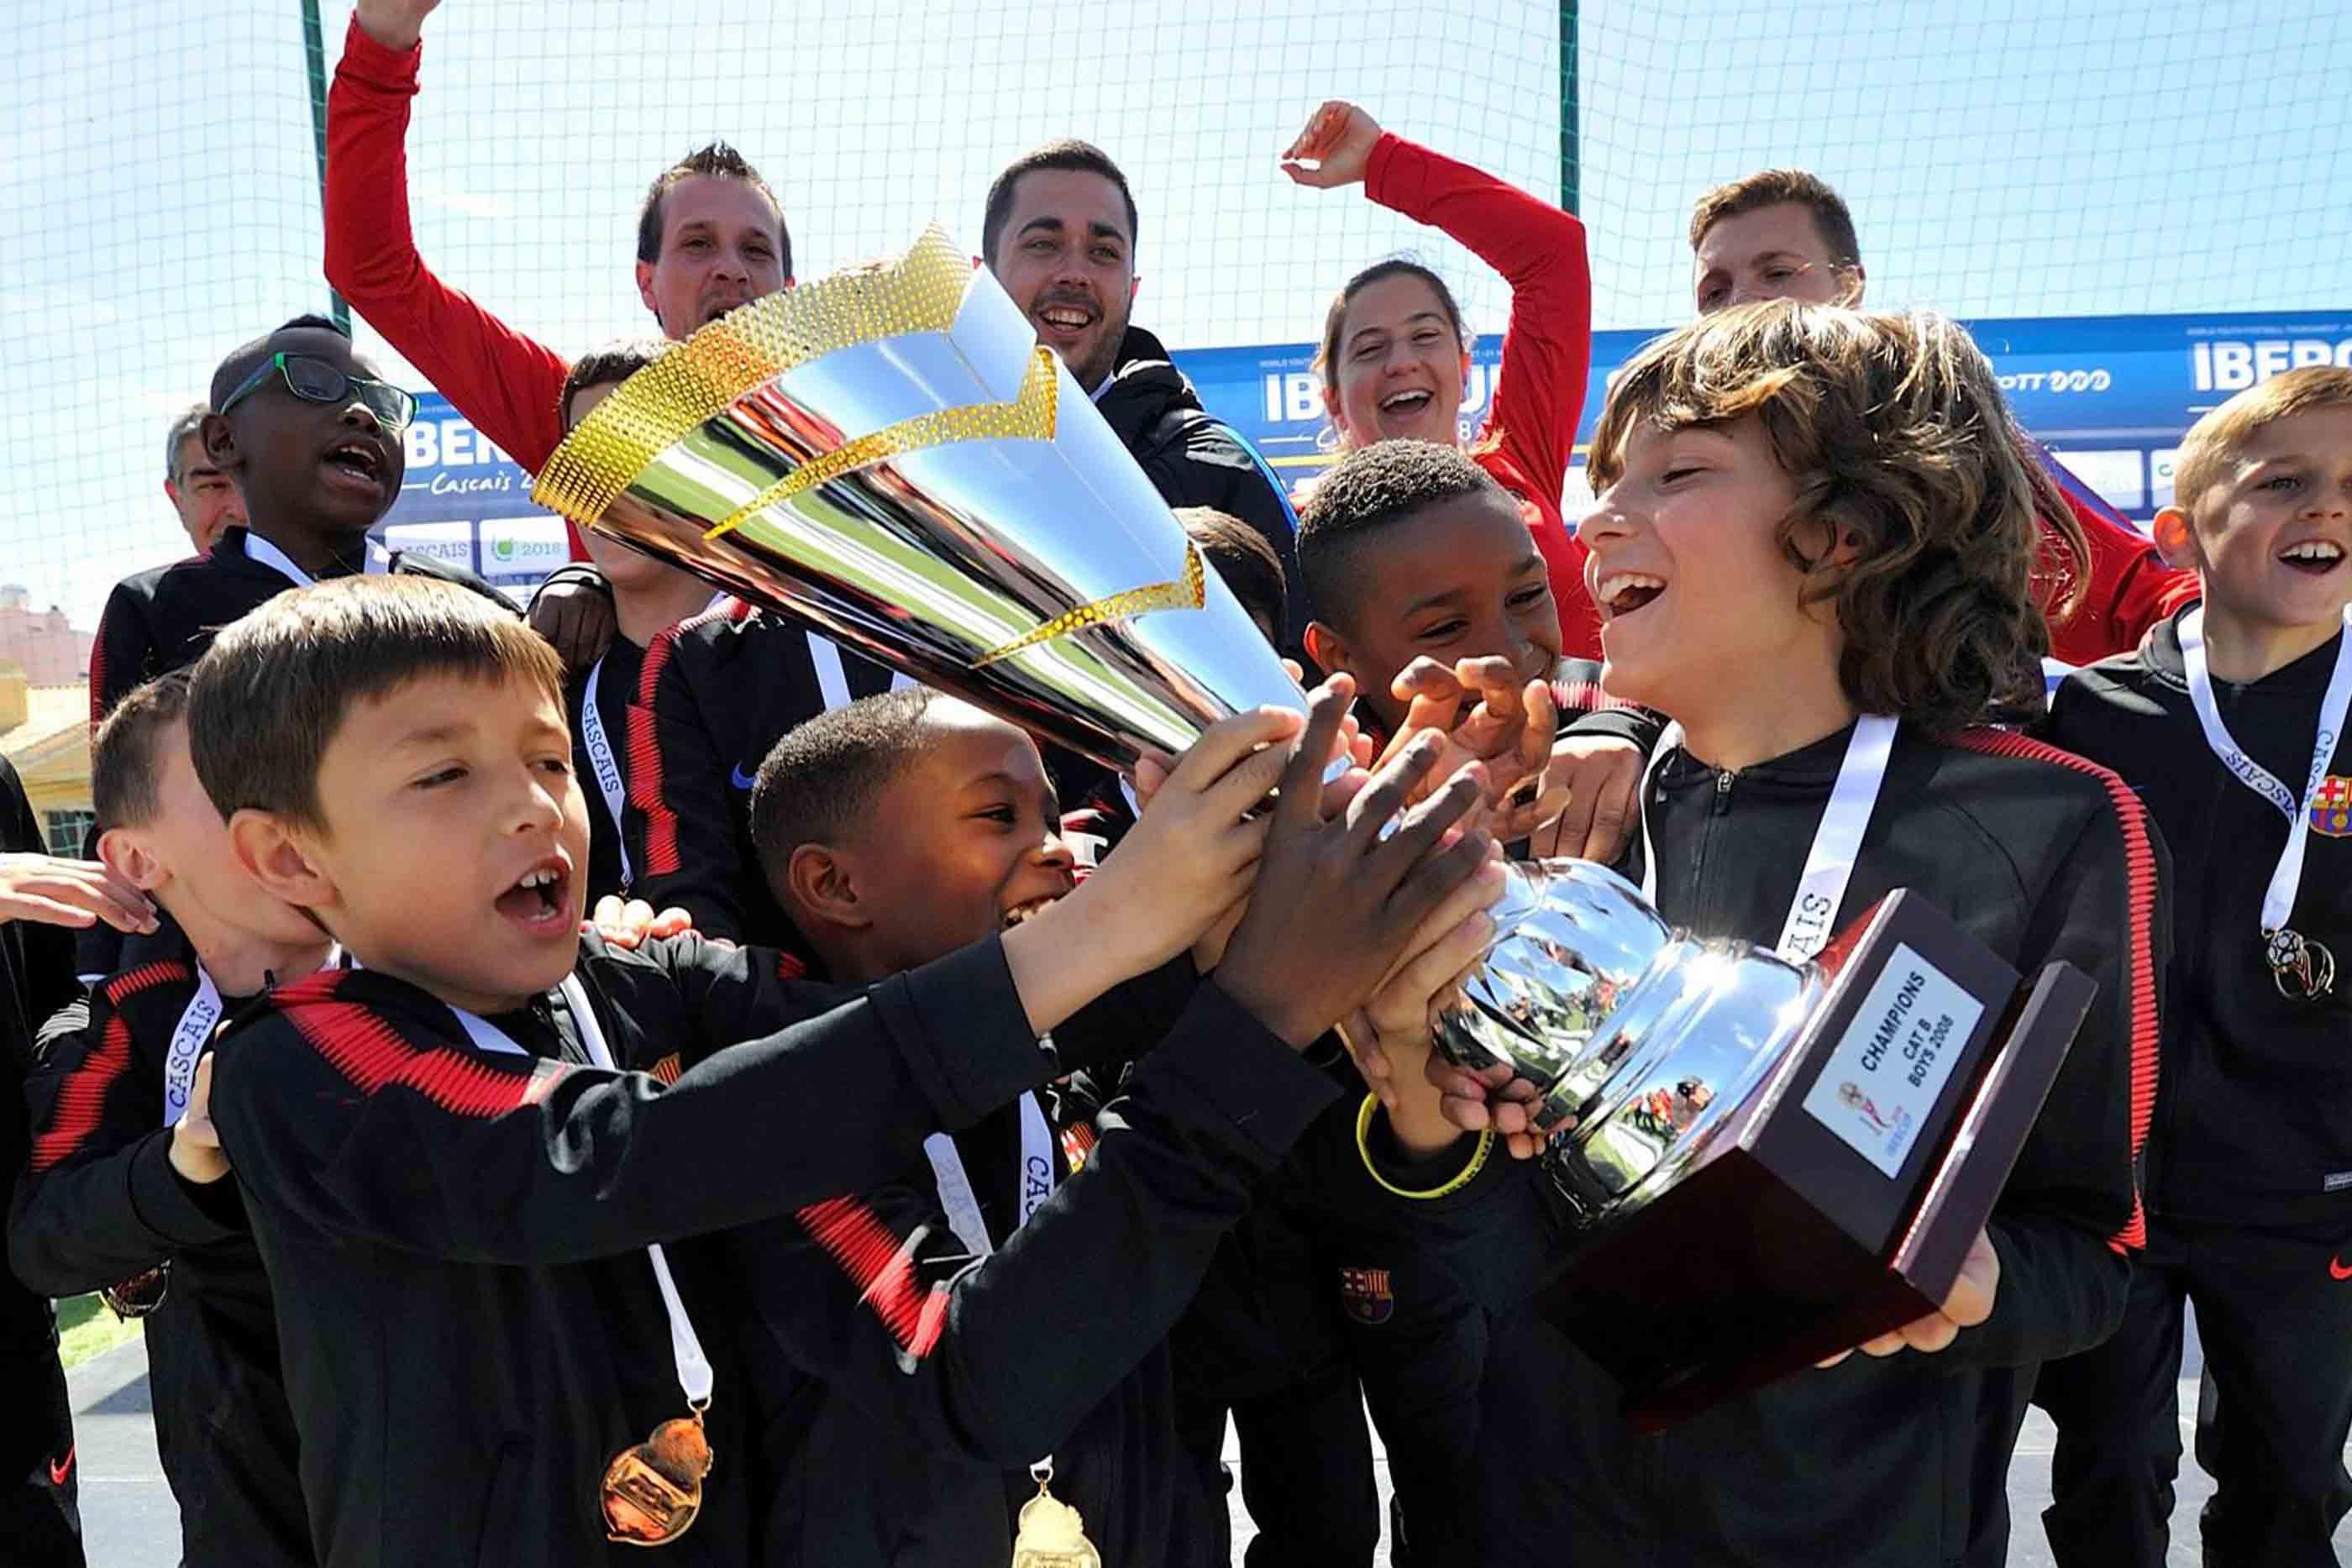 Jovens jogadores a festejar.